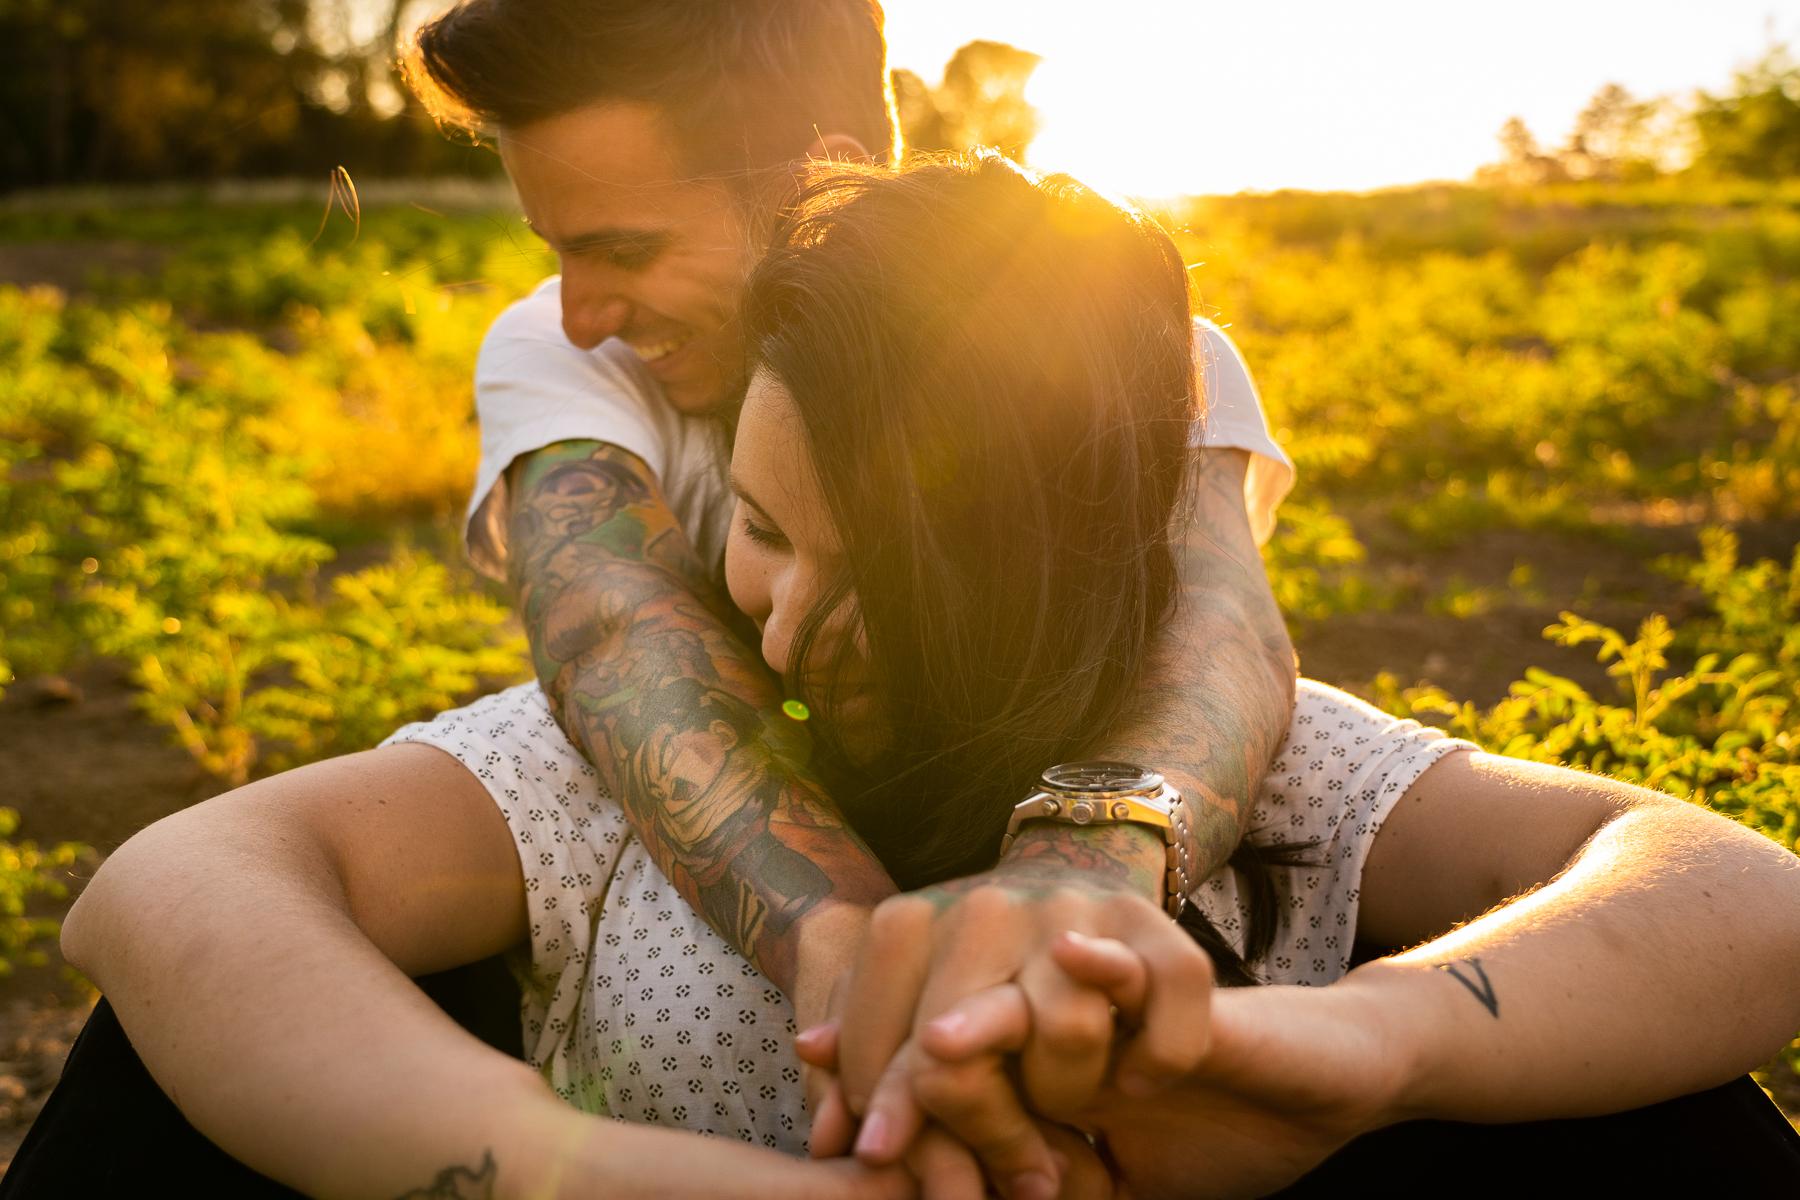 sesion fotografica para parejas